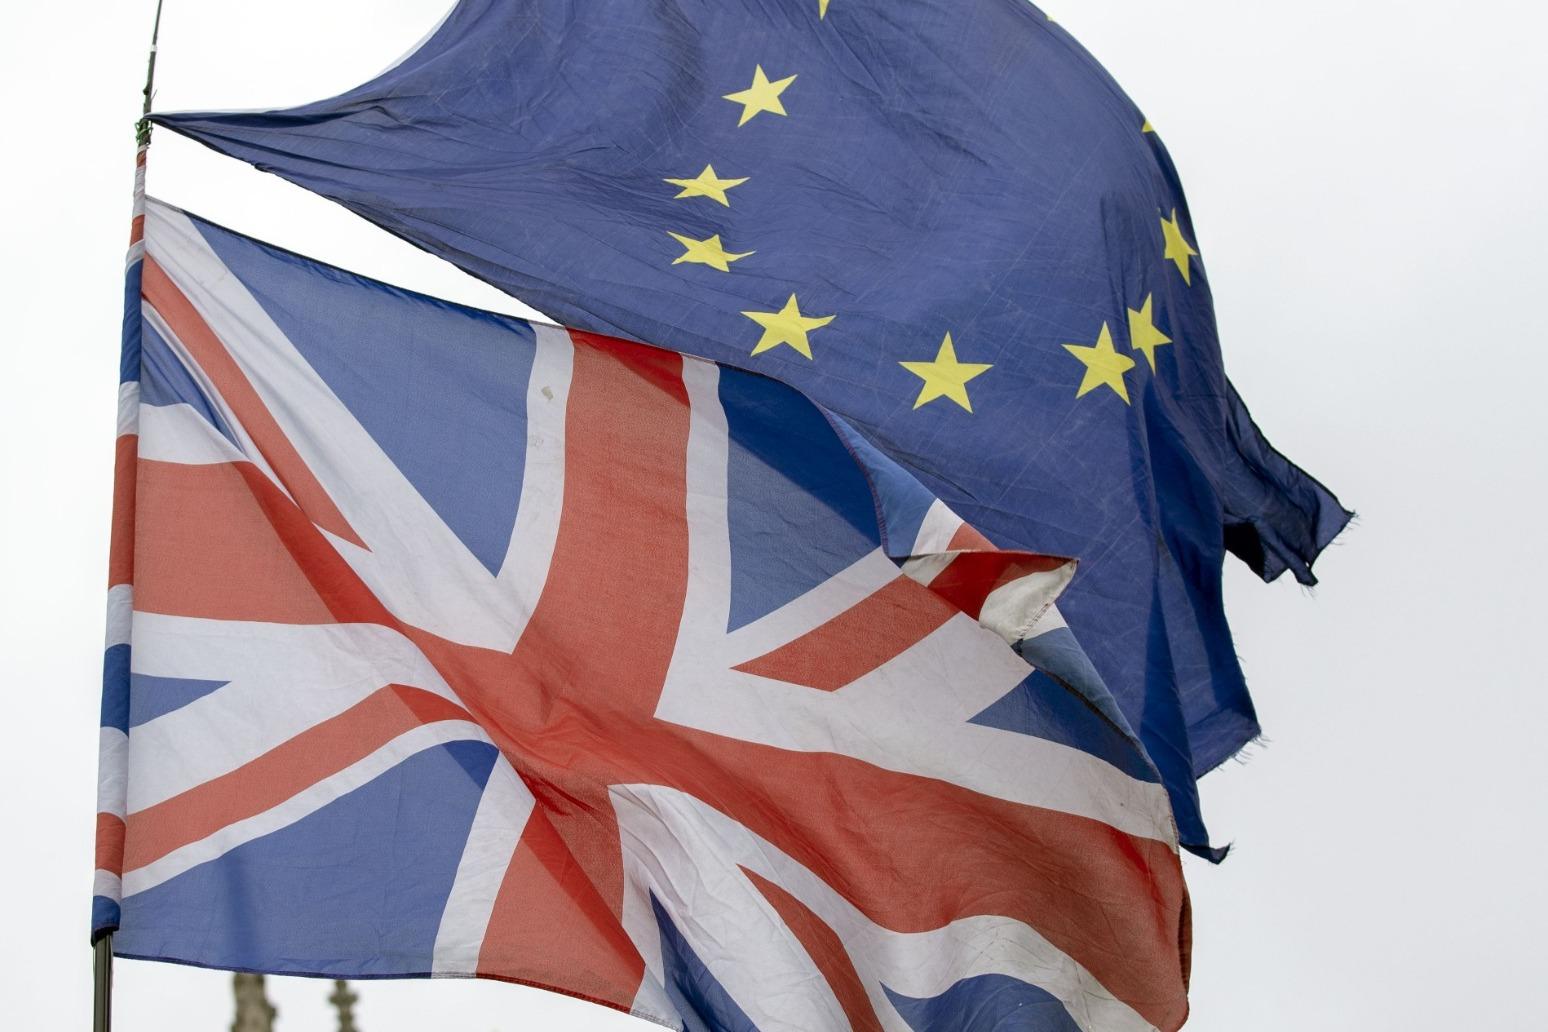 Barnier says Britain must respect EU sovereignty in trade talks